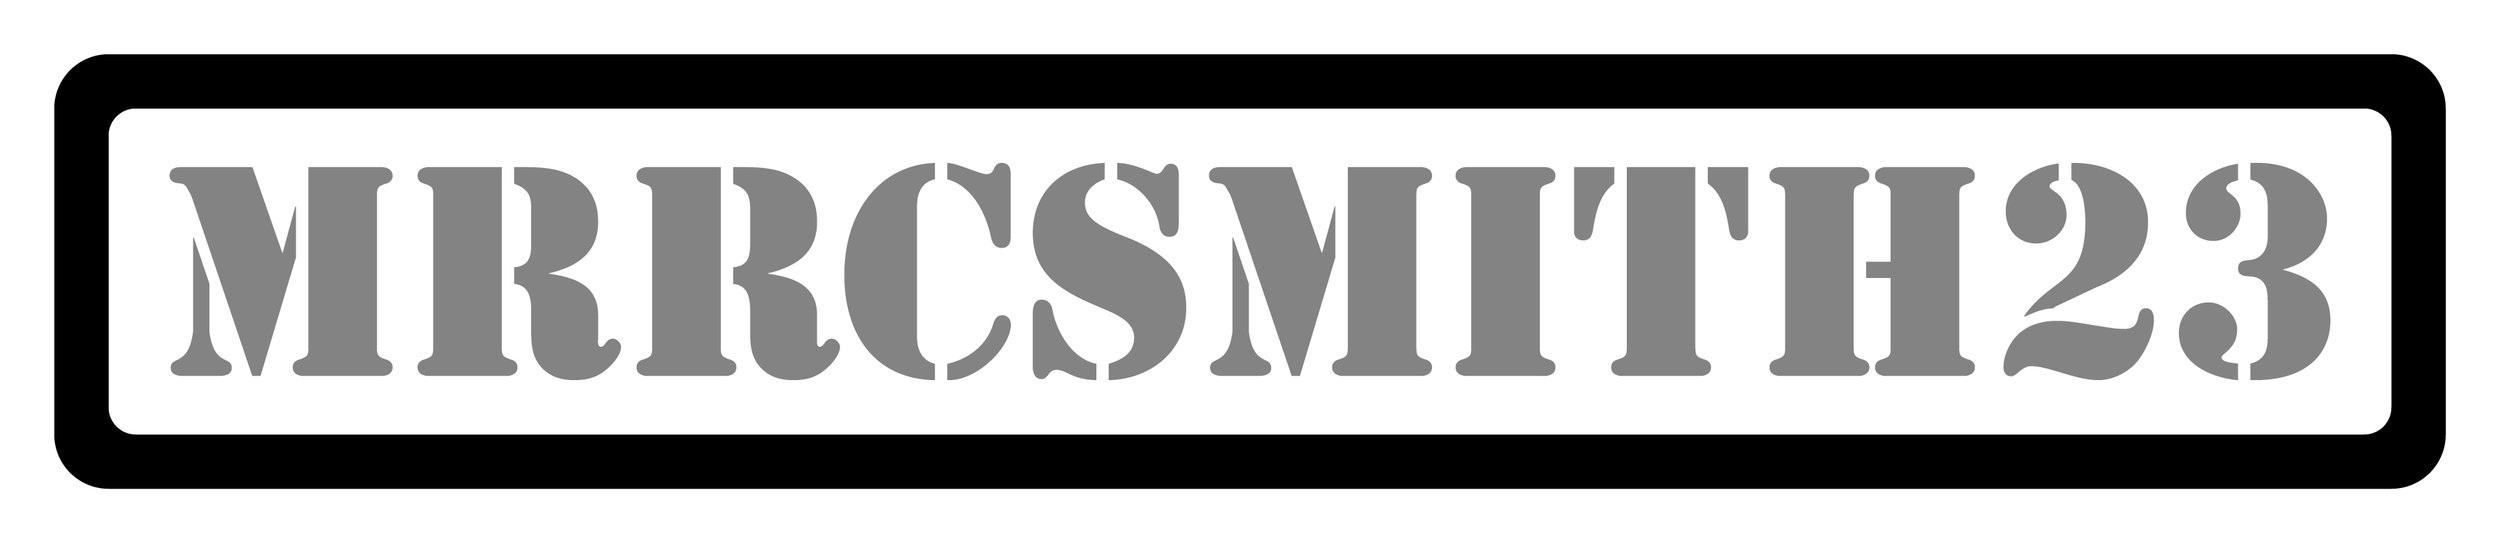 Logo of Raiel Coniah Smith.